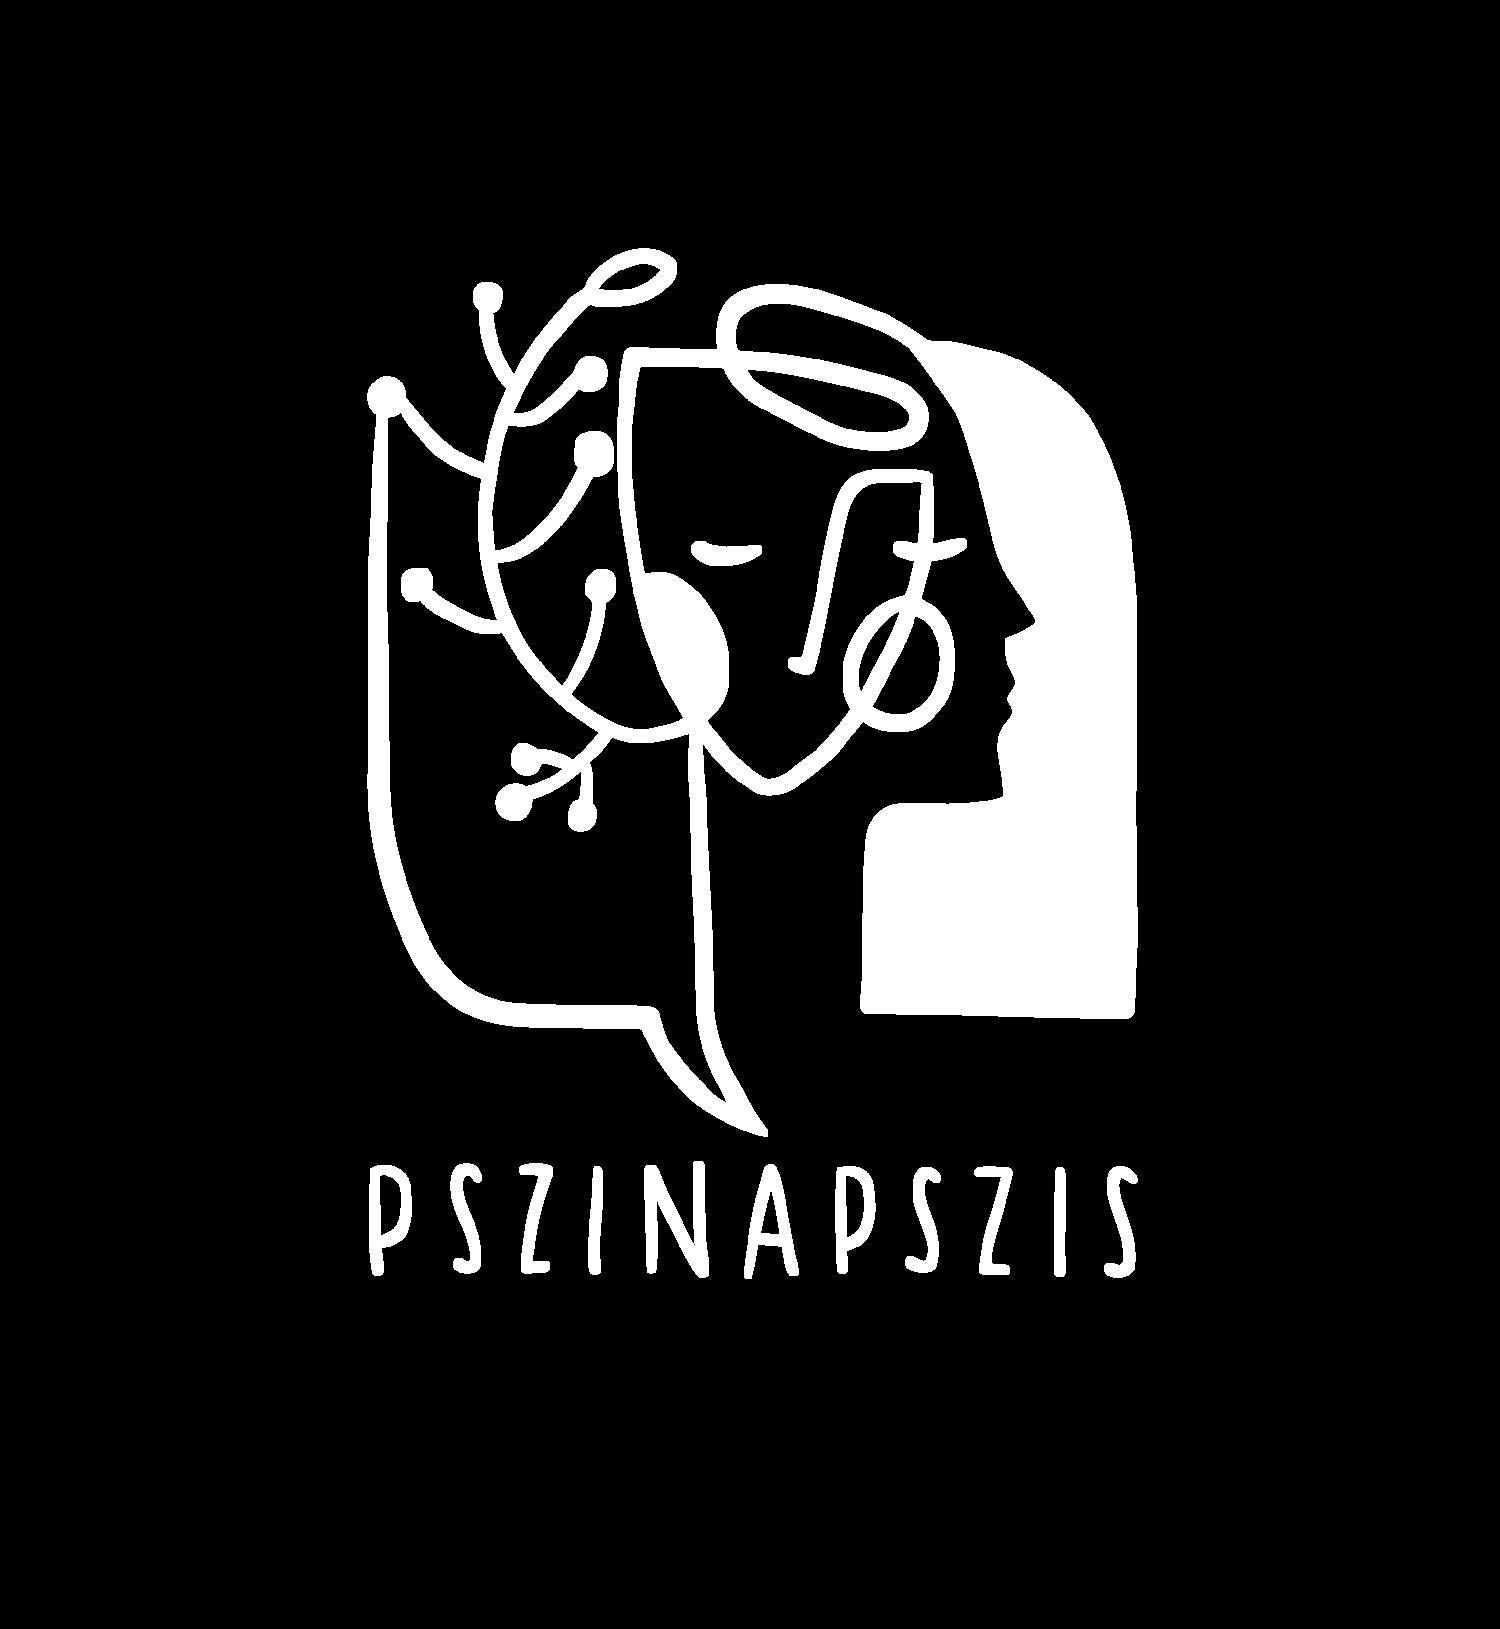 Pszinapszis